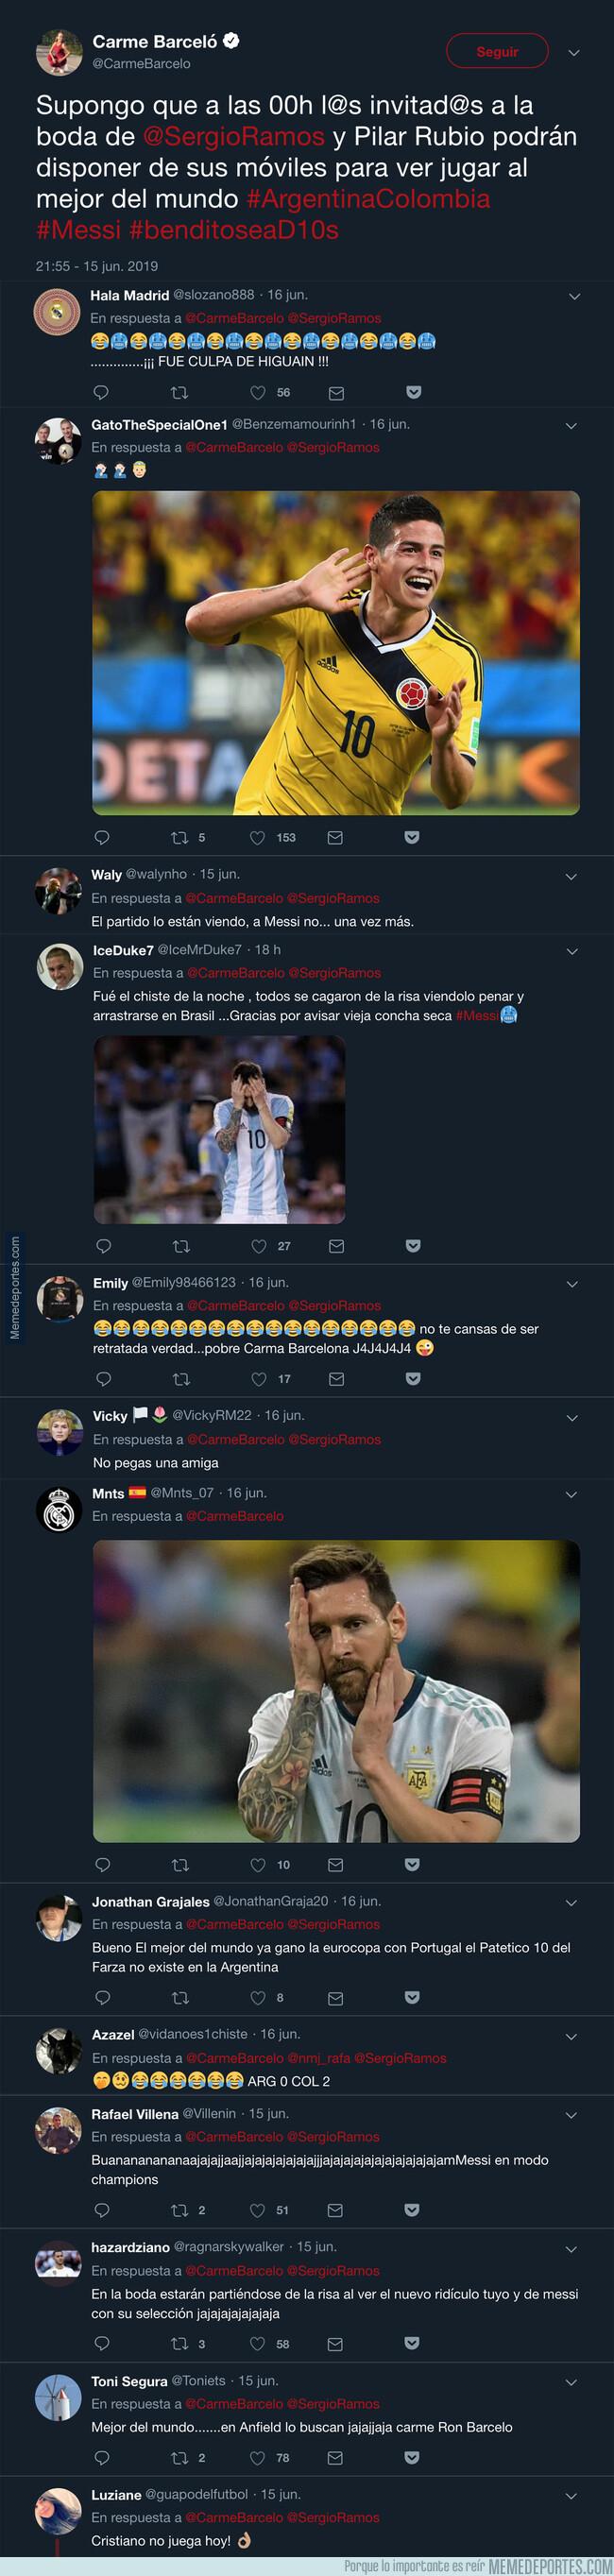 1078416 - Carme Barceló tuitea esto antes del Argentina - Colombia y termina haciendo el ridículo de su vida